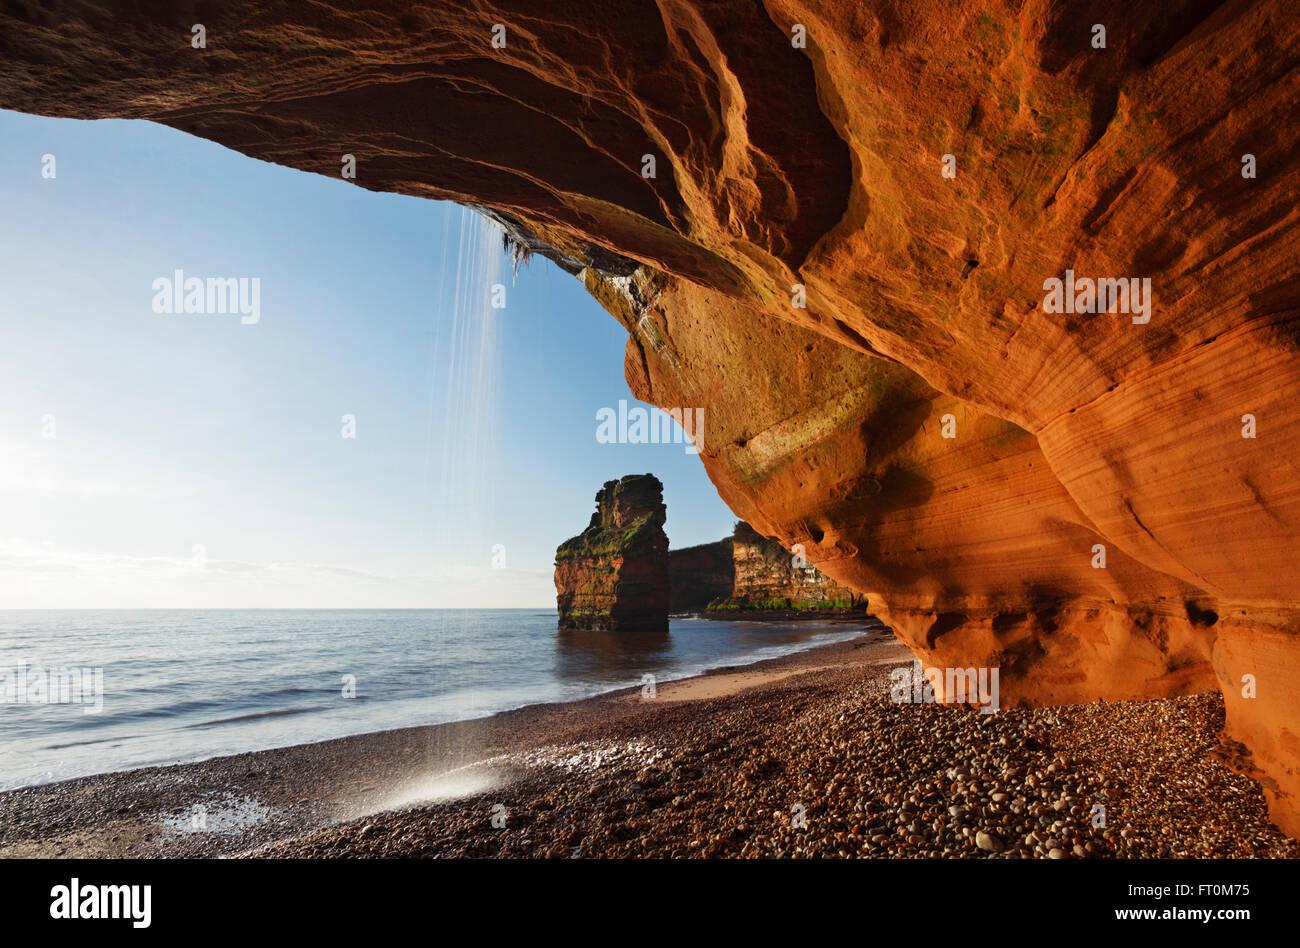 Ladram Bay. La Côte Jurassique, site du patrimoine mondial. Devon. UK. Photo Stock